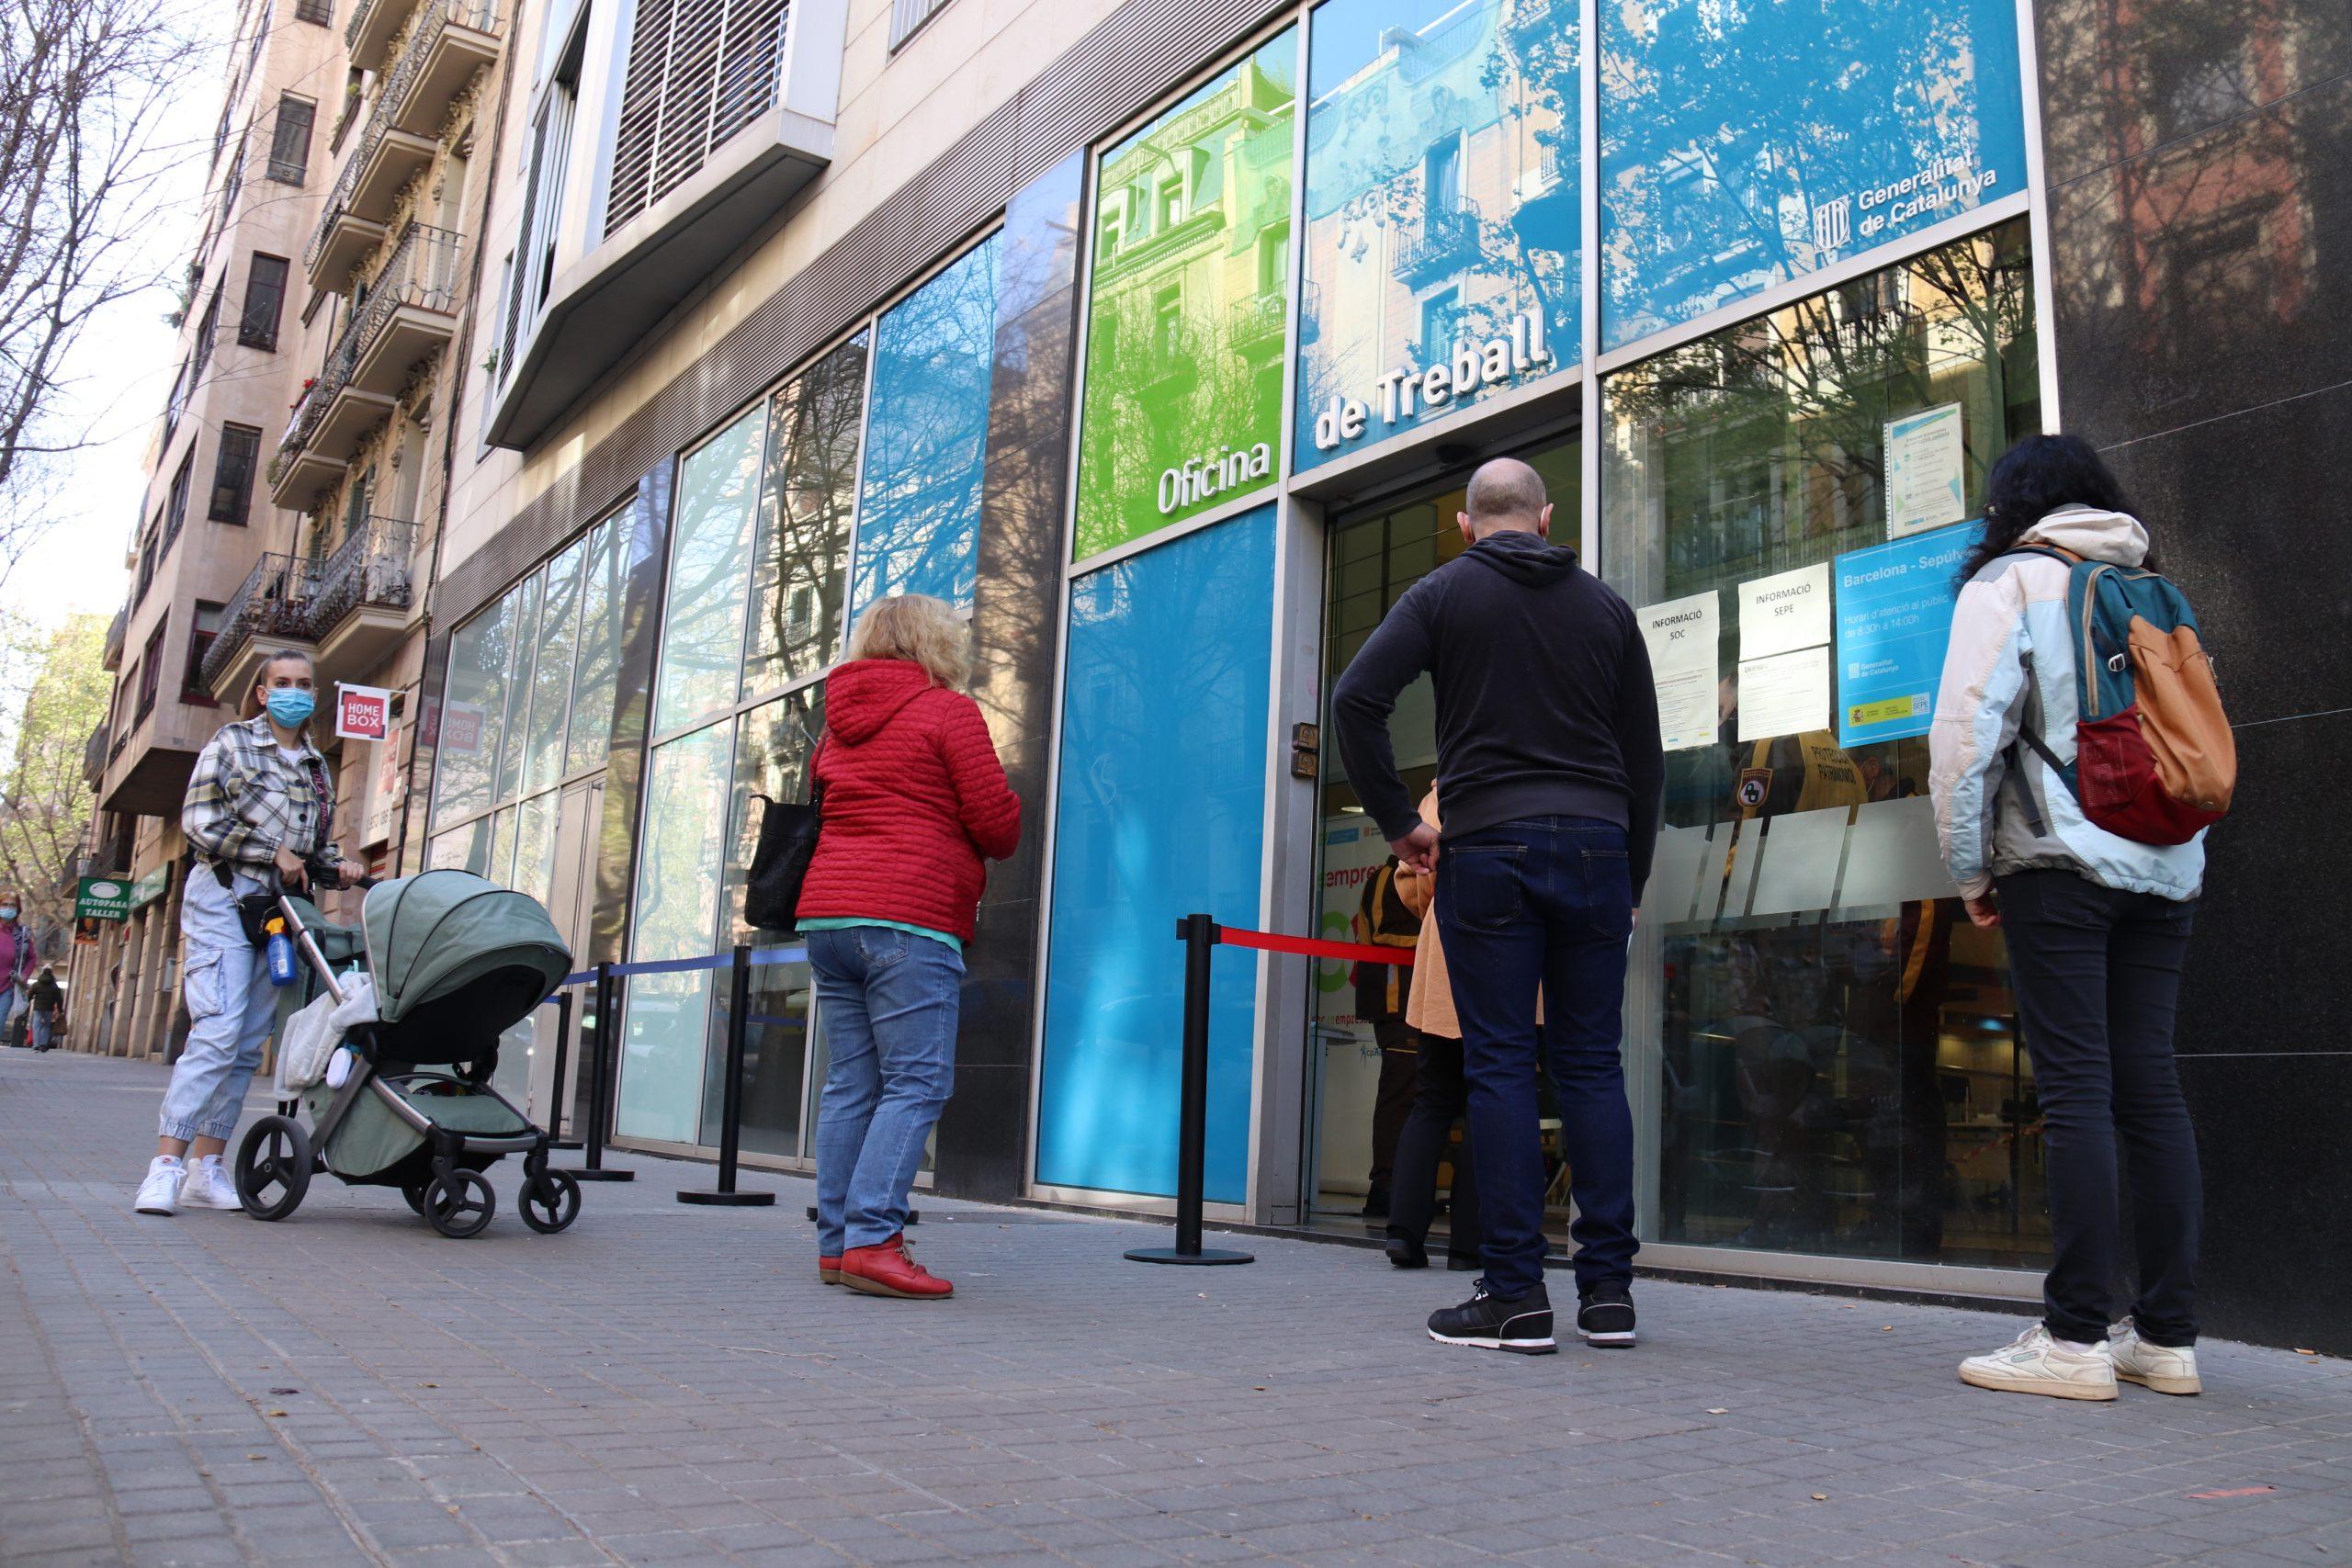 L'Oficina de Treball del carrer Sepúlveda de Barcelona | ACN